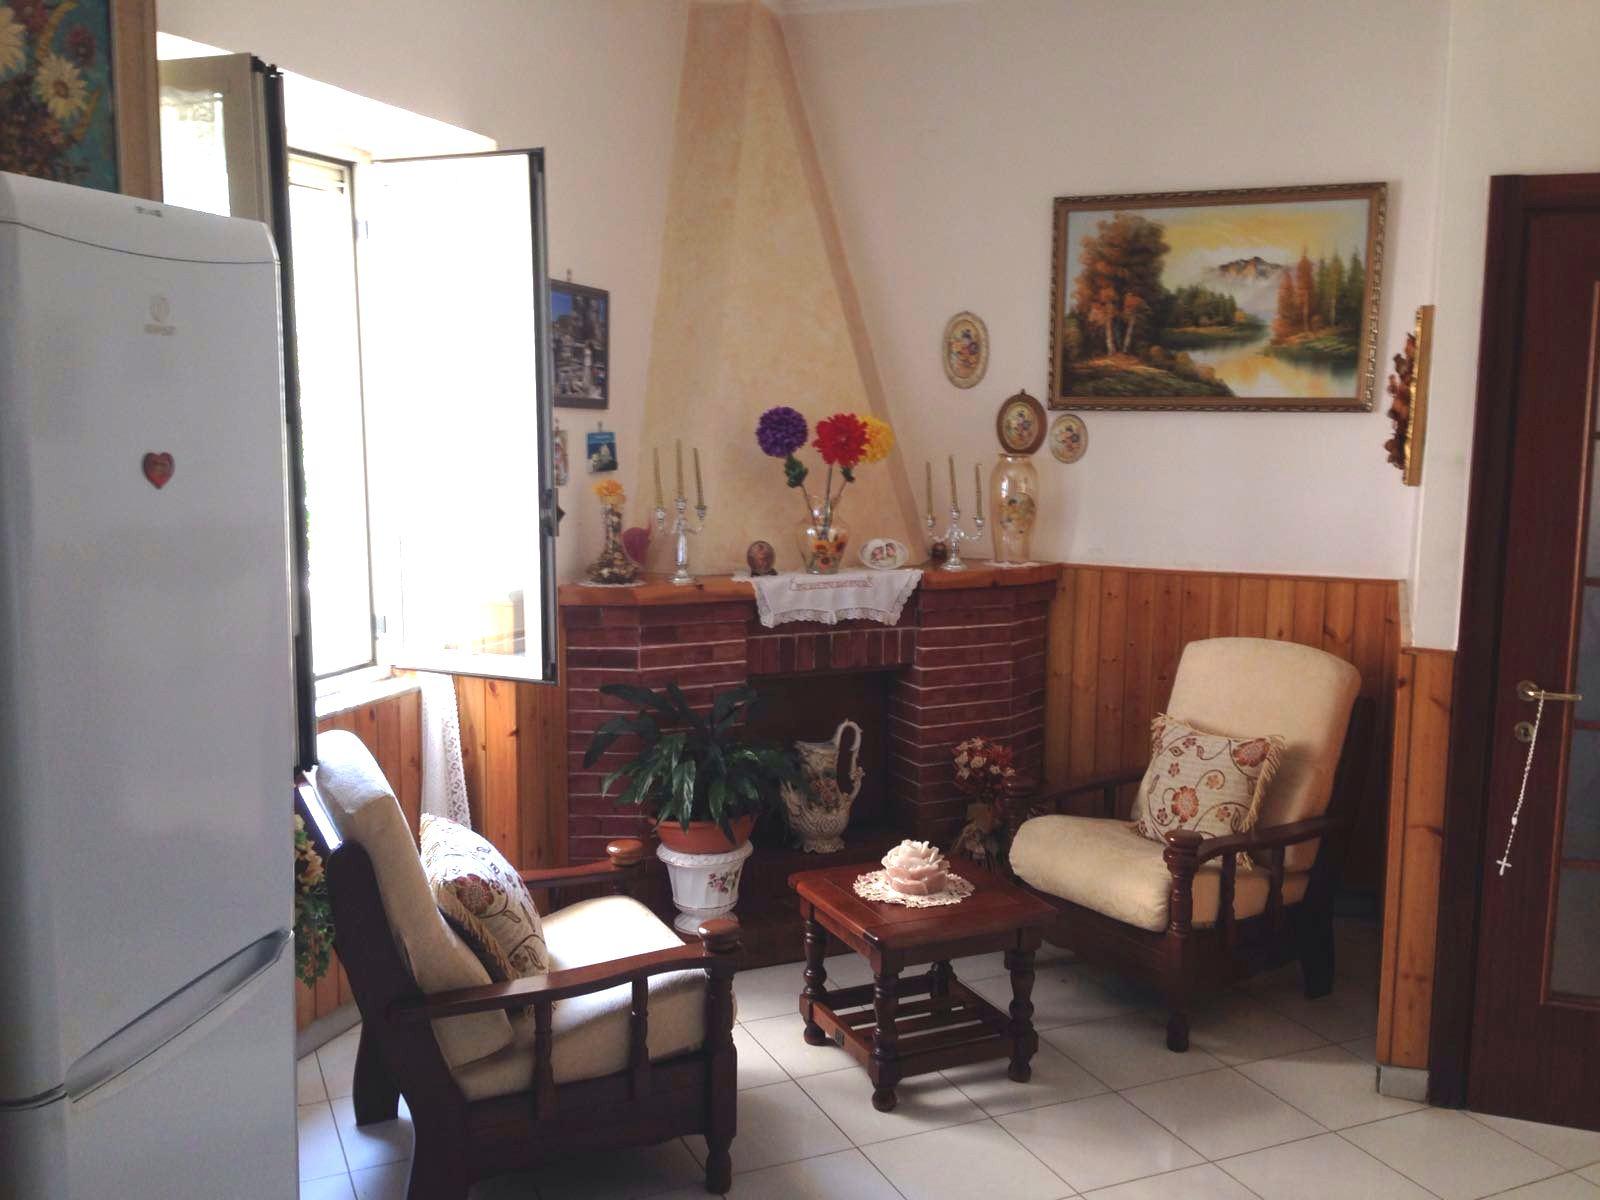 Appartamento in vendita a Ottaviano, 3 locali, prezzo € 110.000 | CambioCasa.it